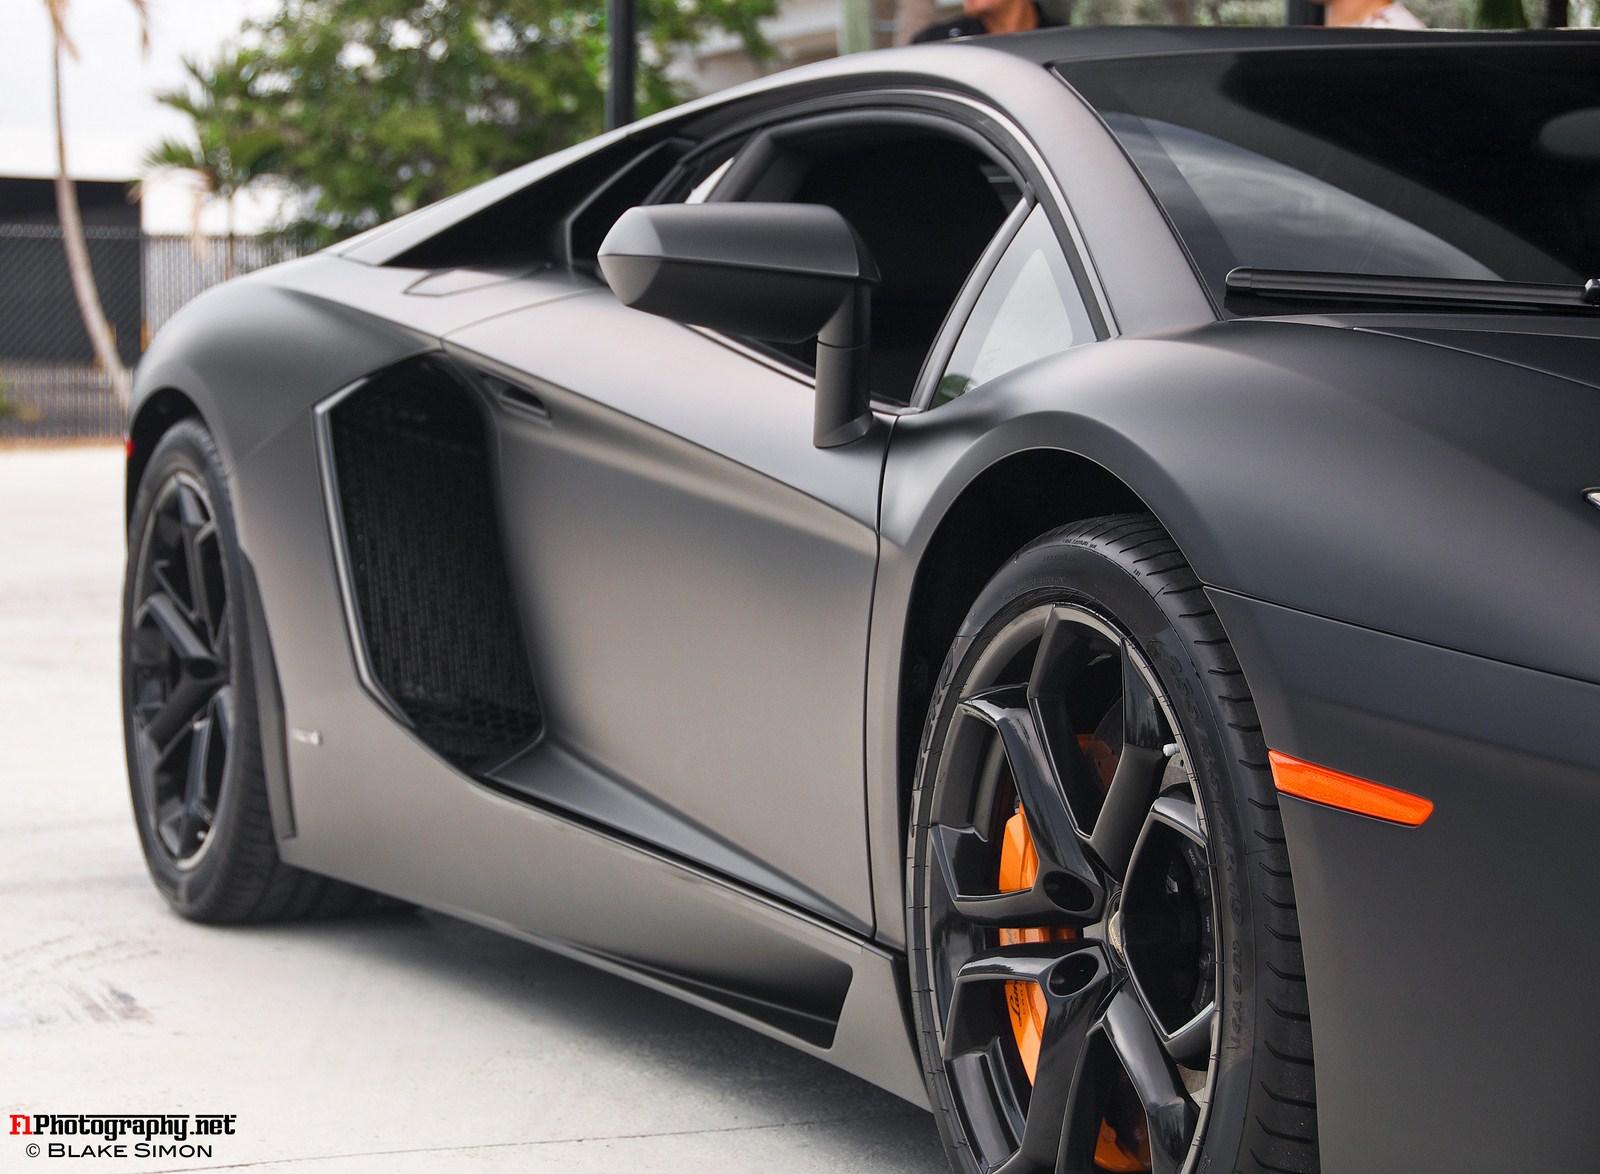 Matte Black Lamborghini Aventador Cars Pinterest